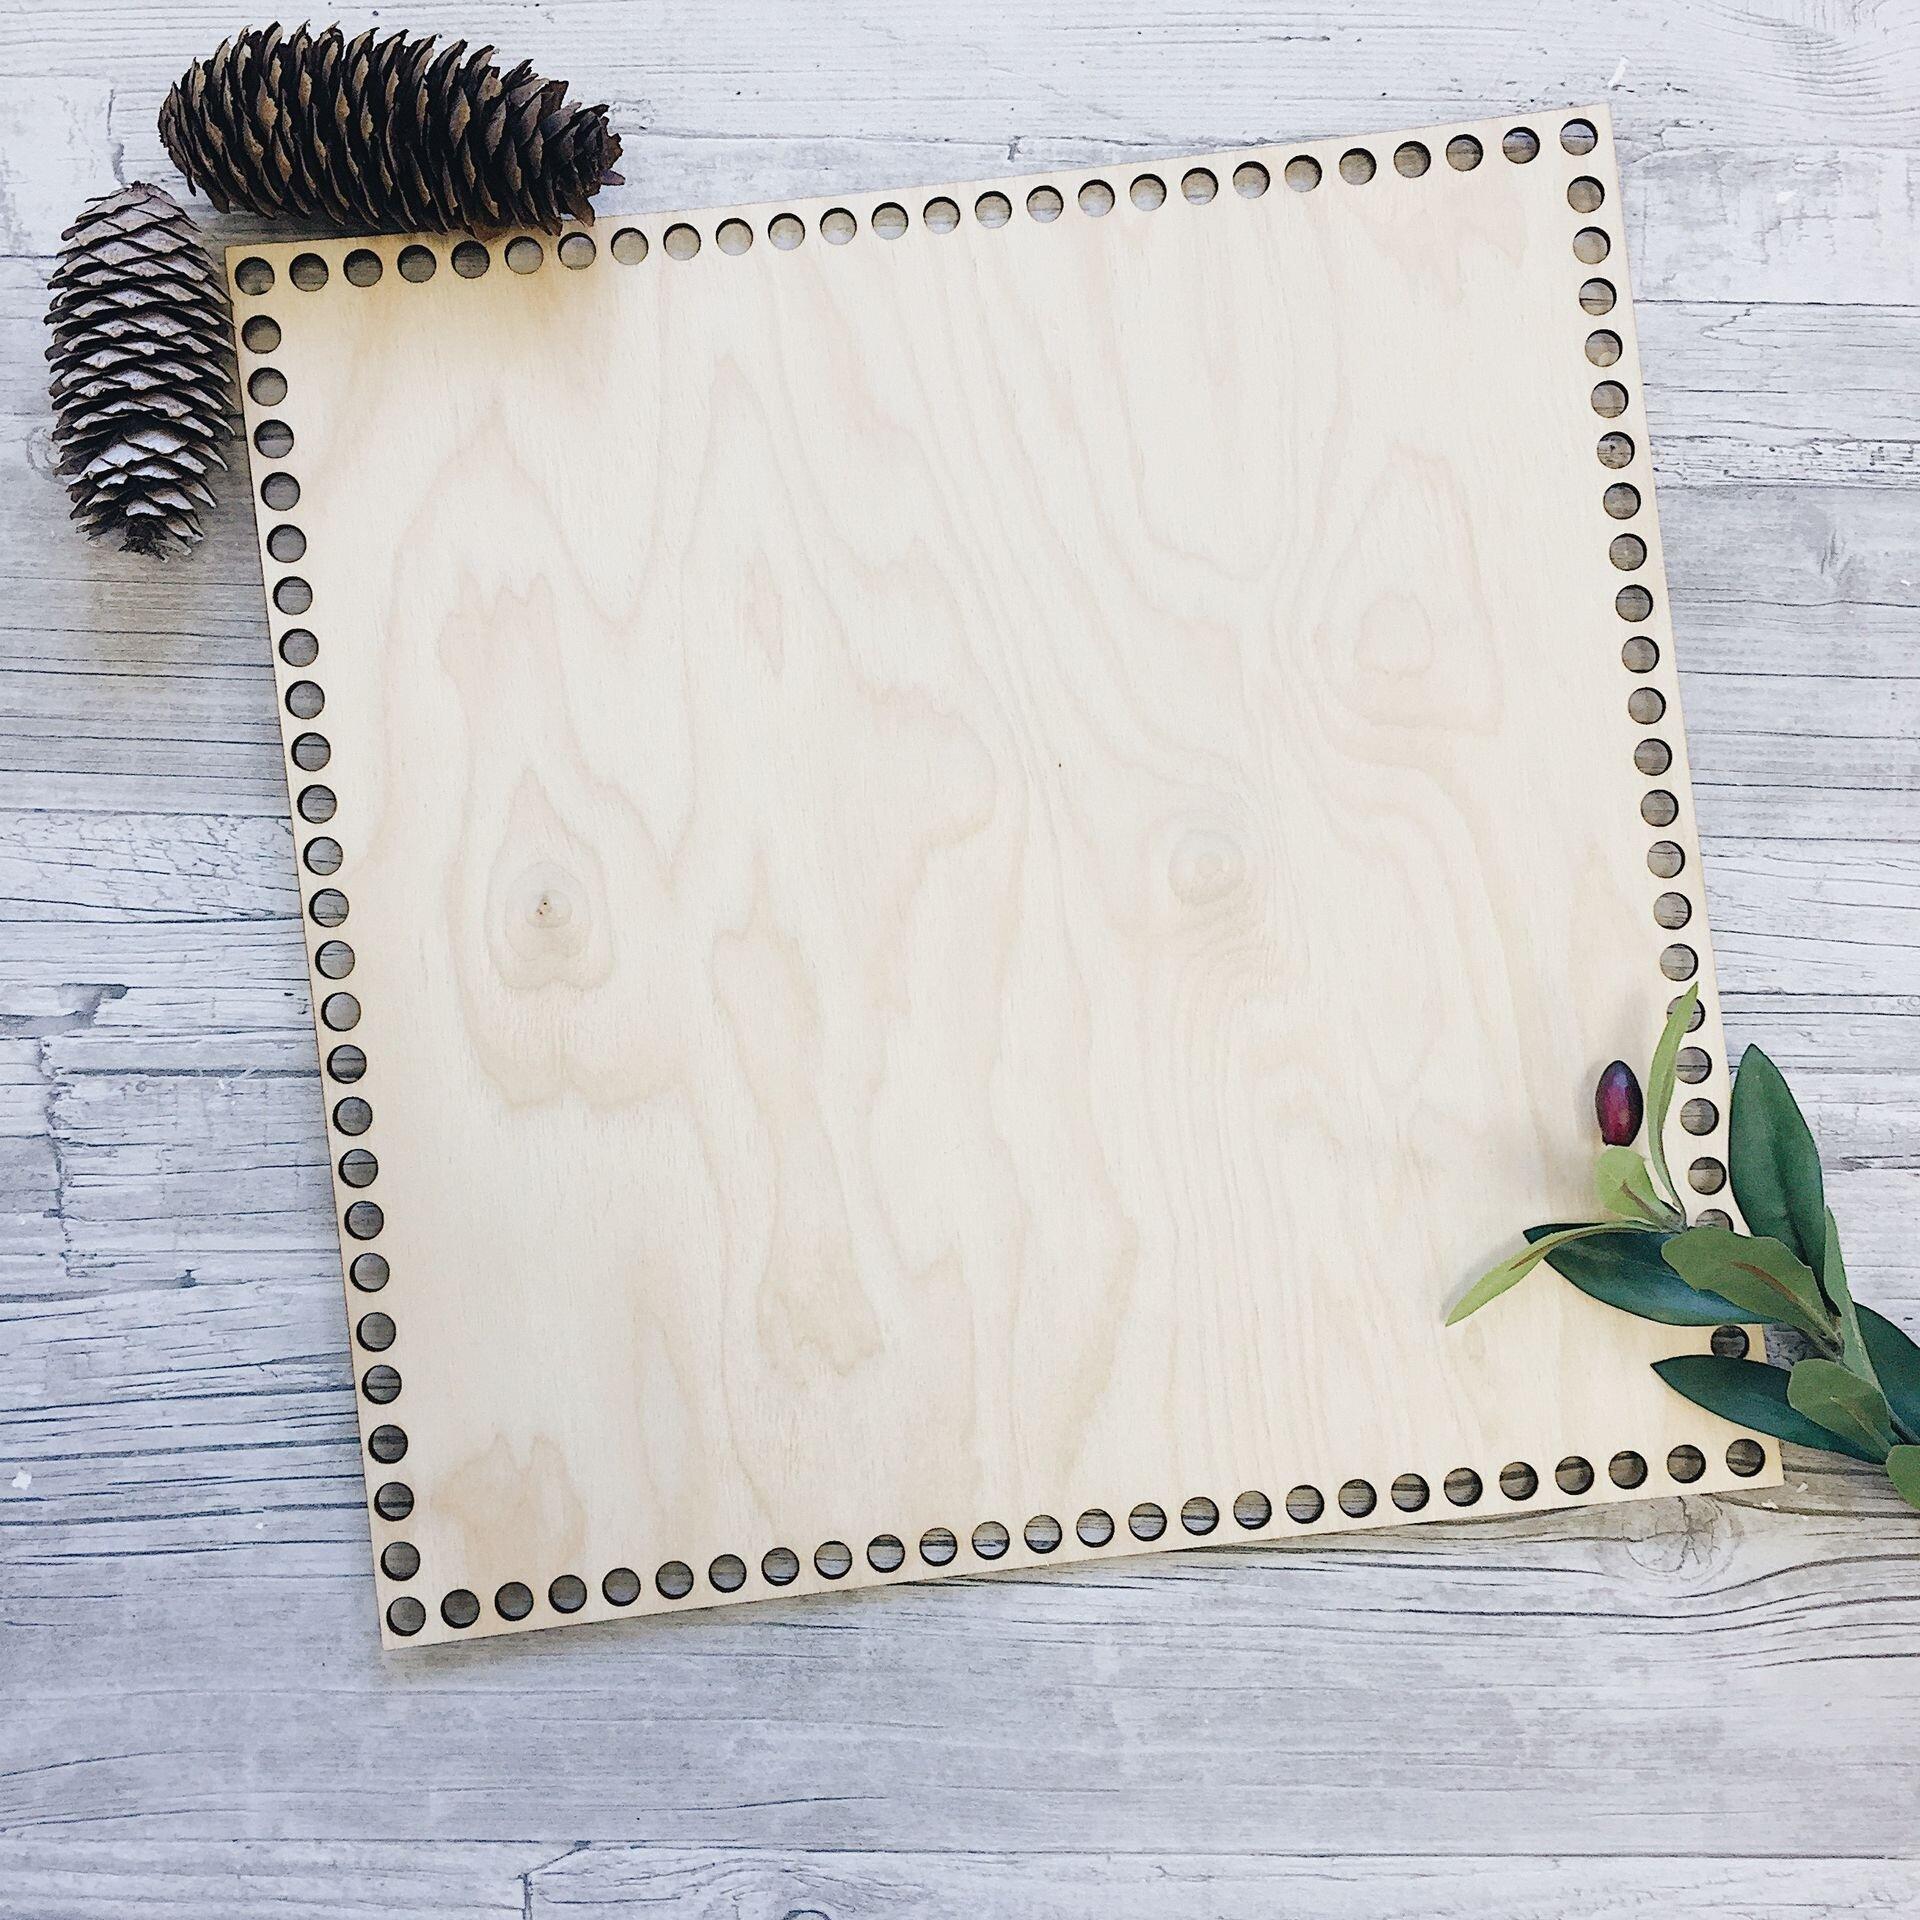 Деревянное донышко для вязания, квадрат 35см - фото pic_0c08abfb5b01fa4_1920x9000_1.jpg